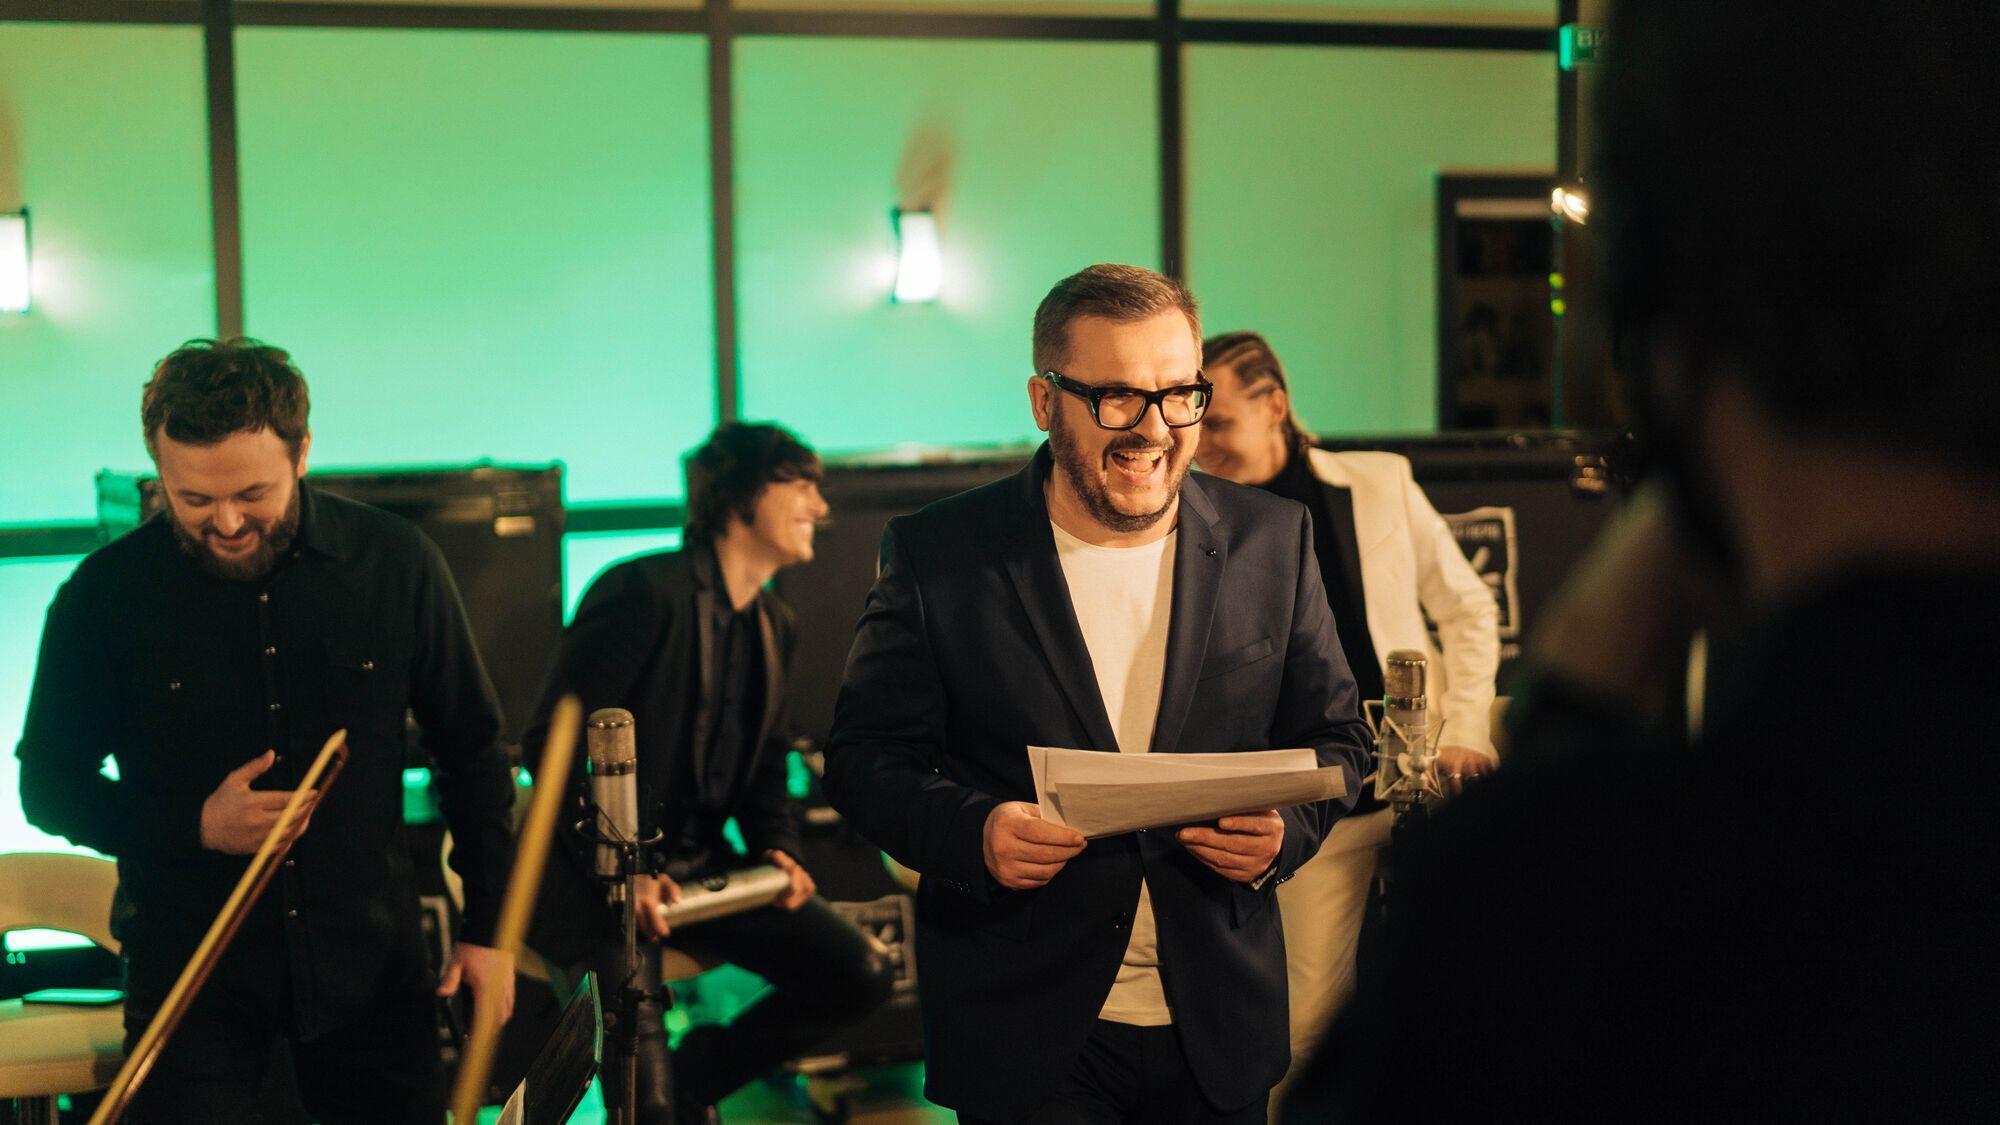 Пономарев презентовал песню с украинскими артистами